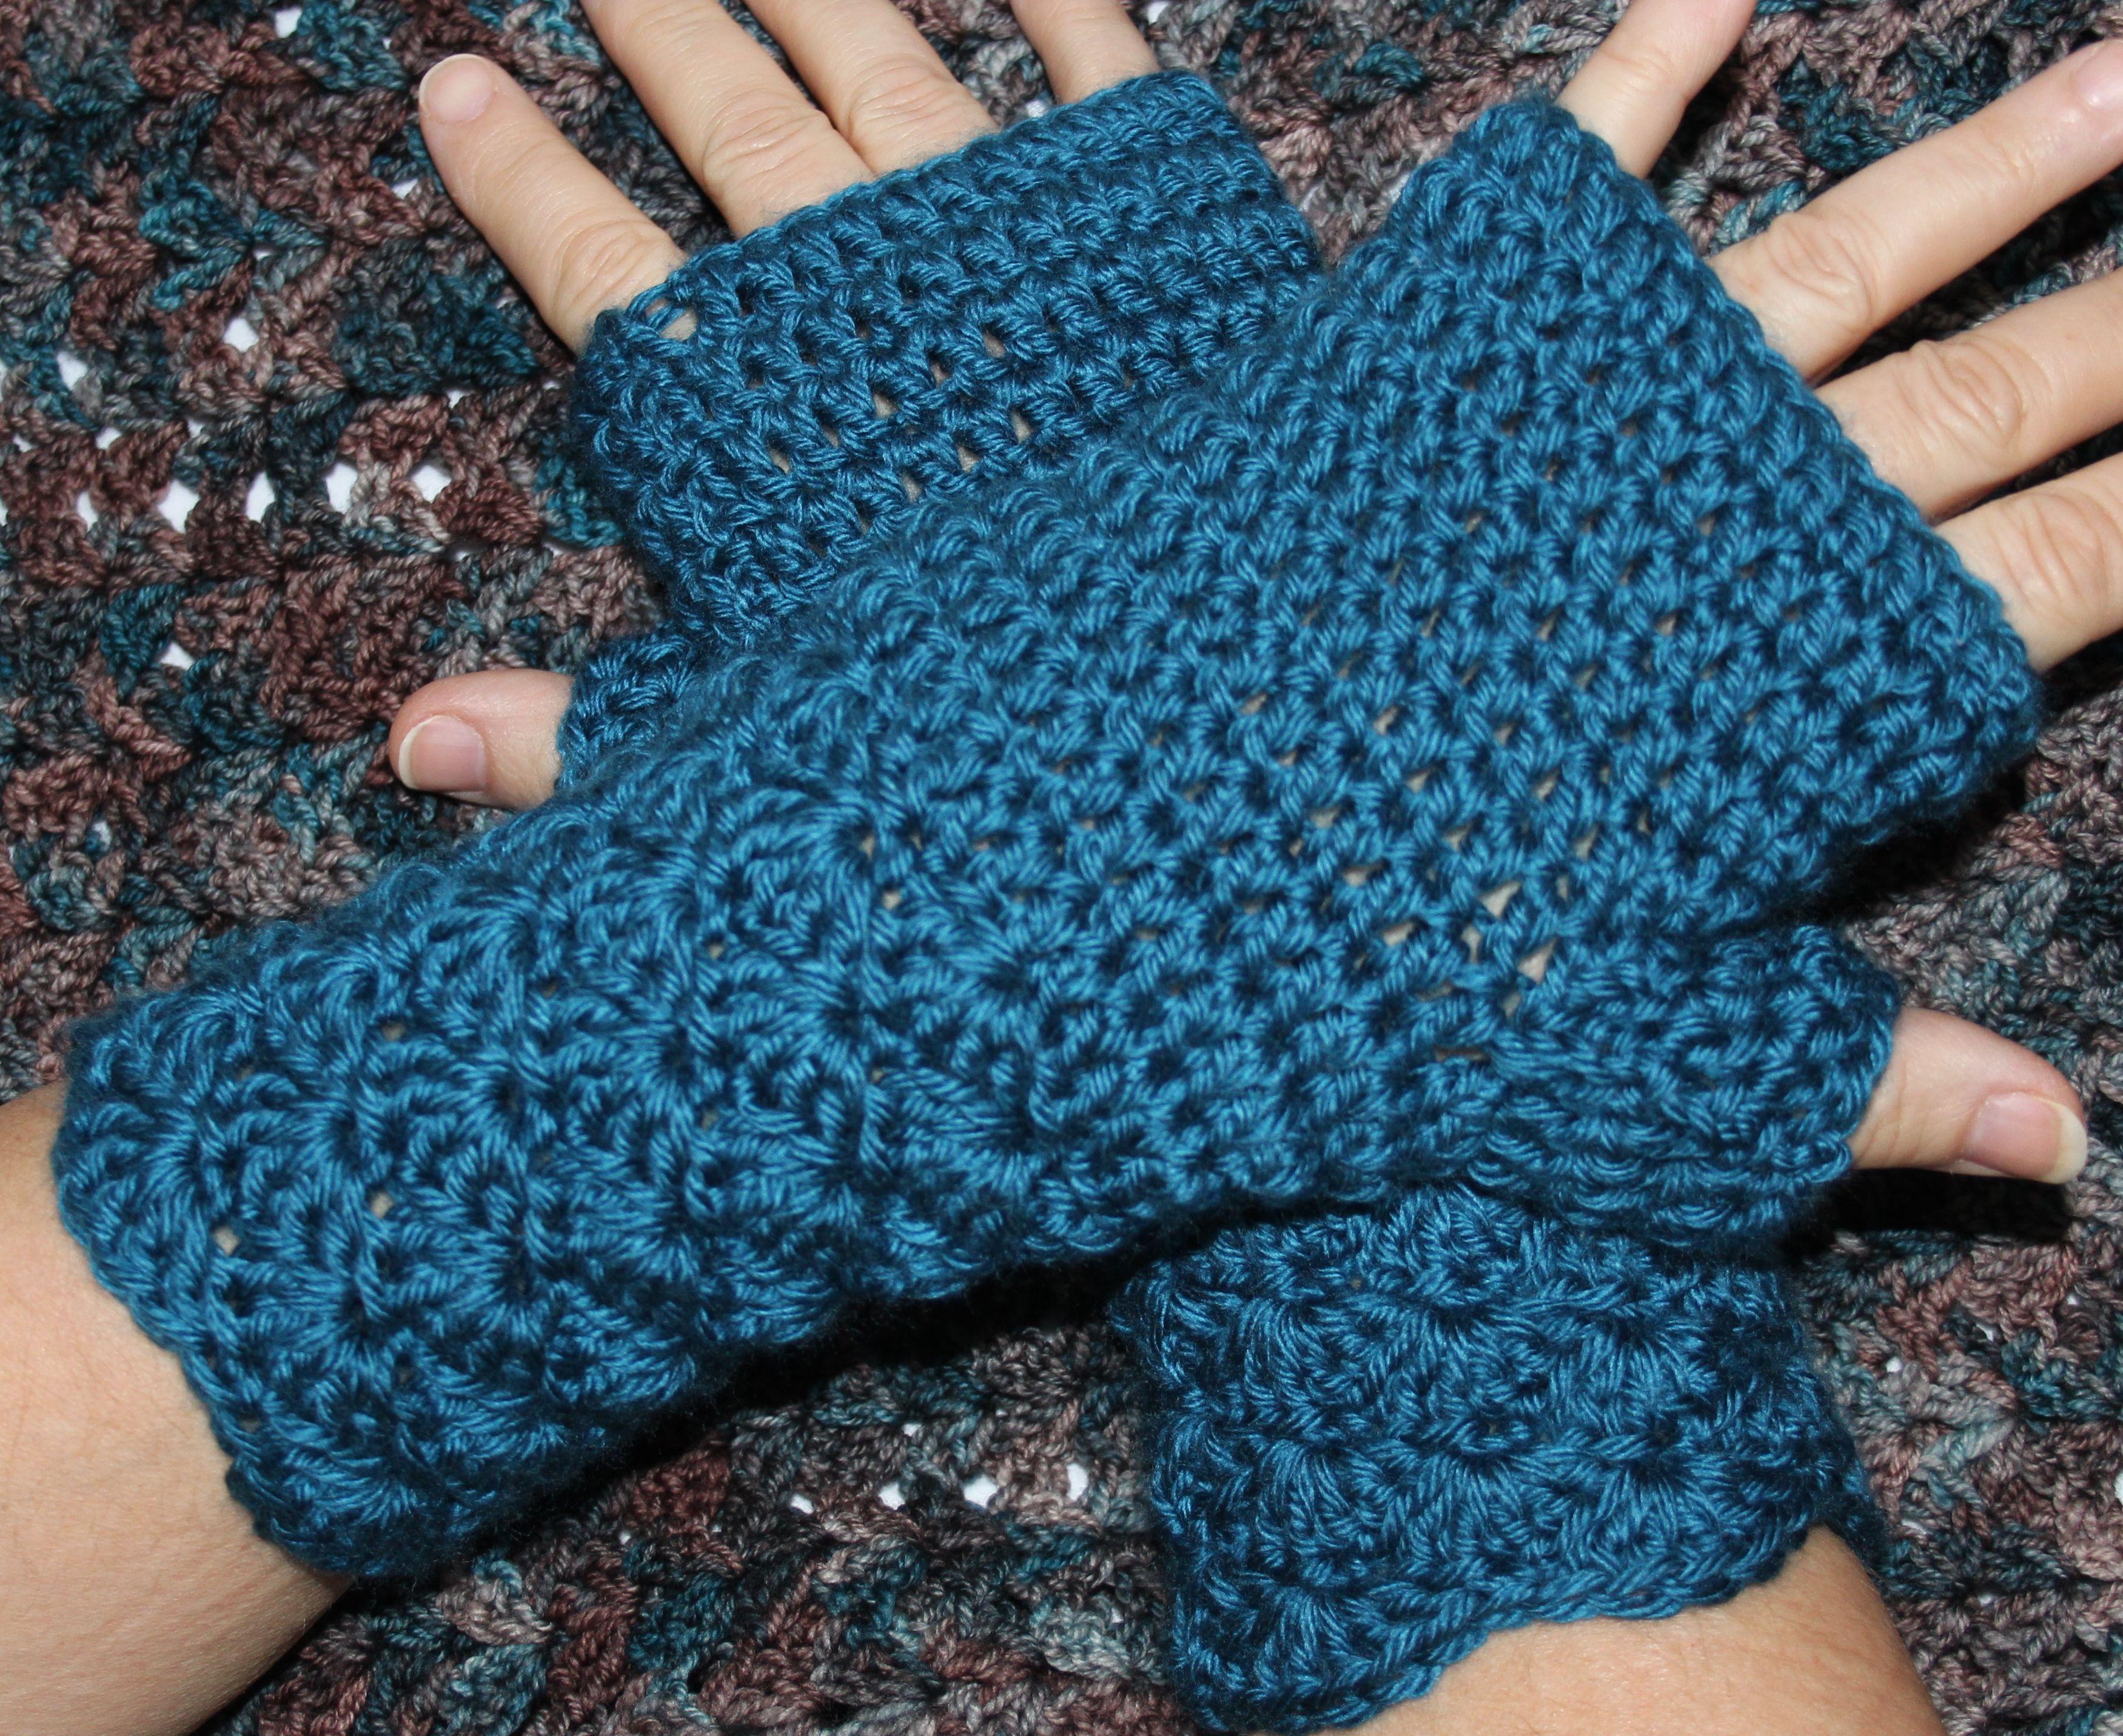 Teal Blue Crochet Fingerless Glove Mittens